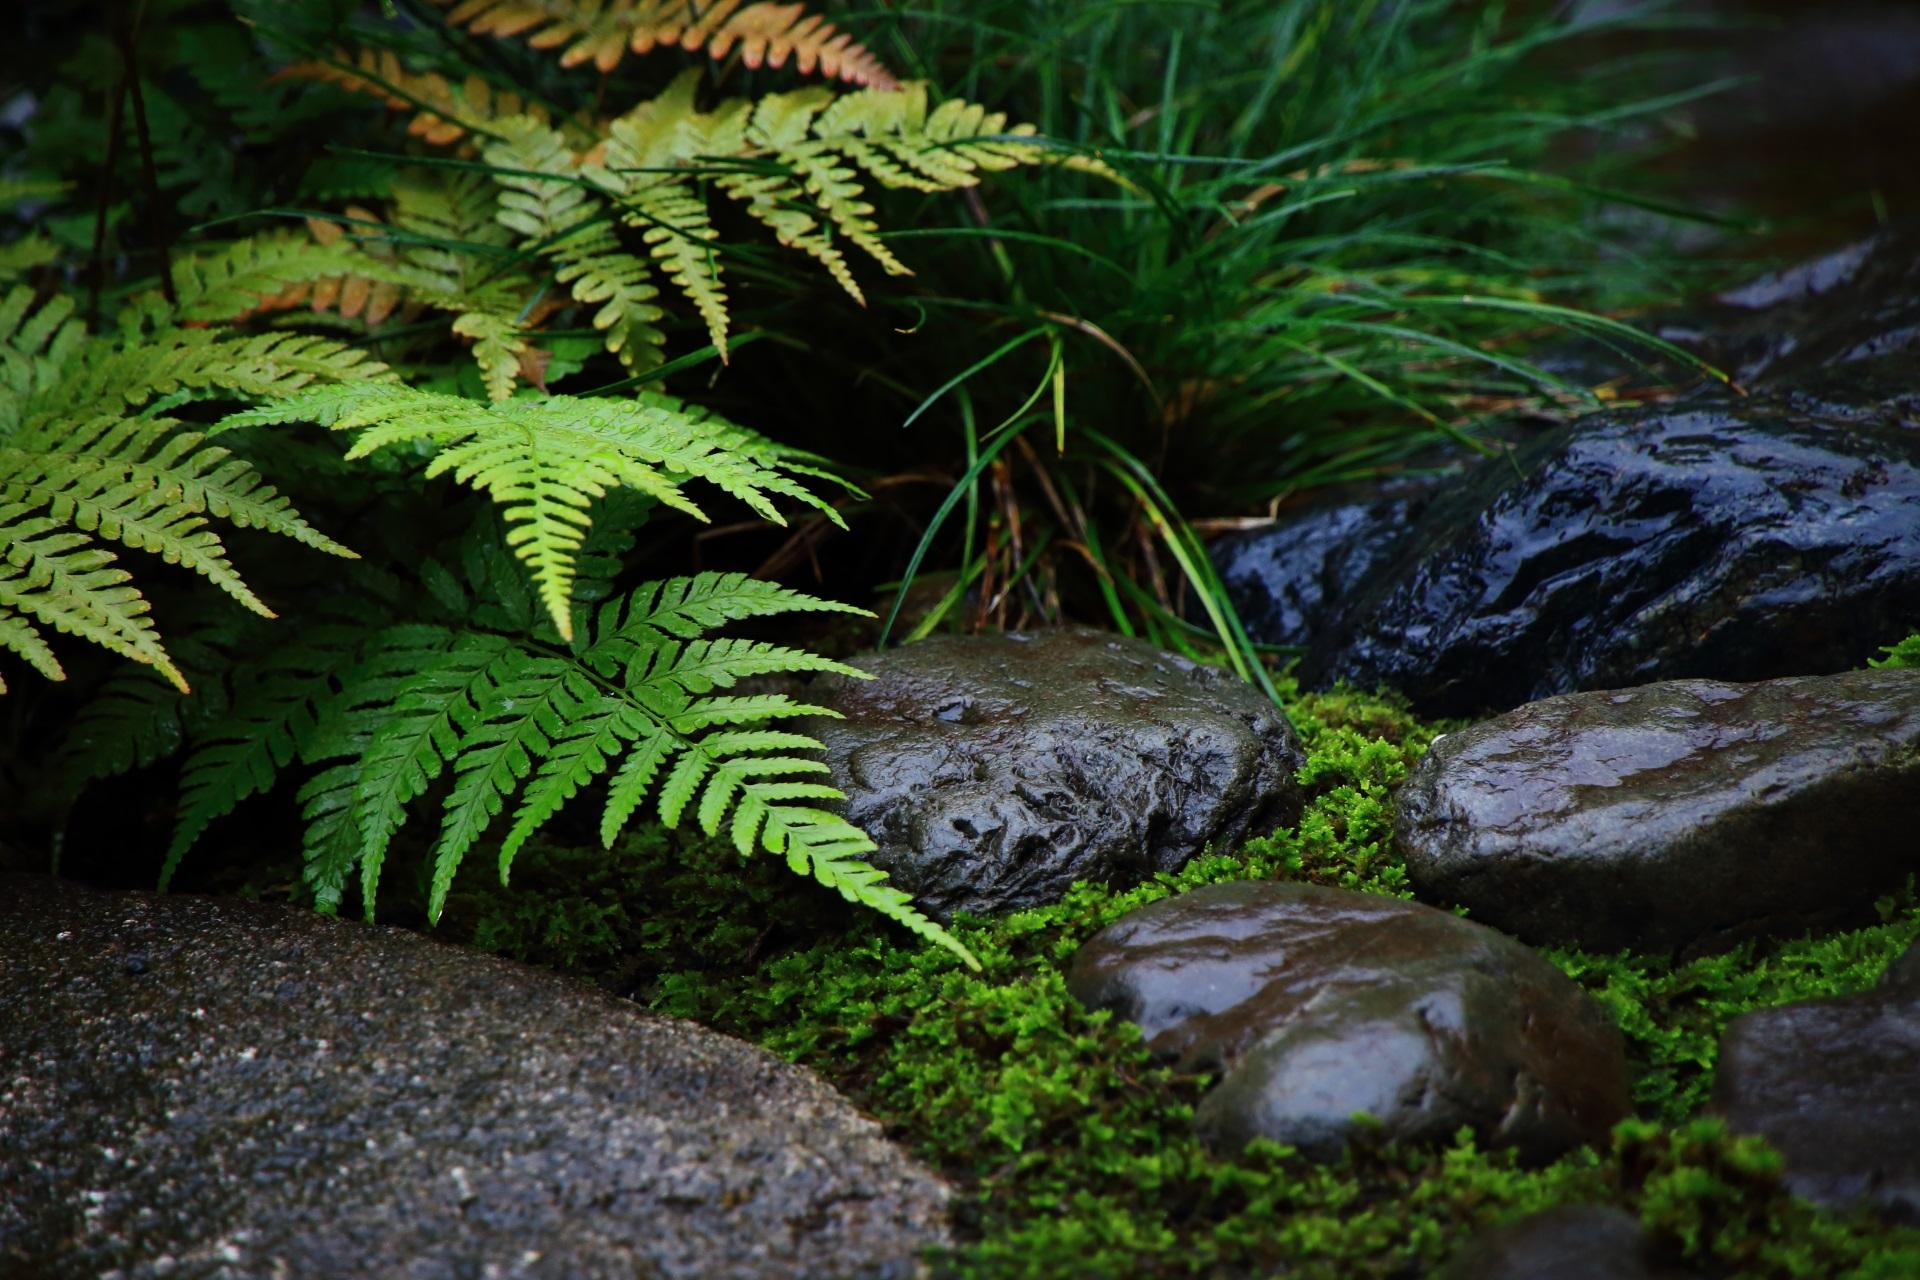 観智院の茶庭の雨にぬれて綺麗な石とシダ